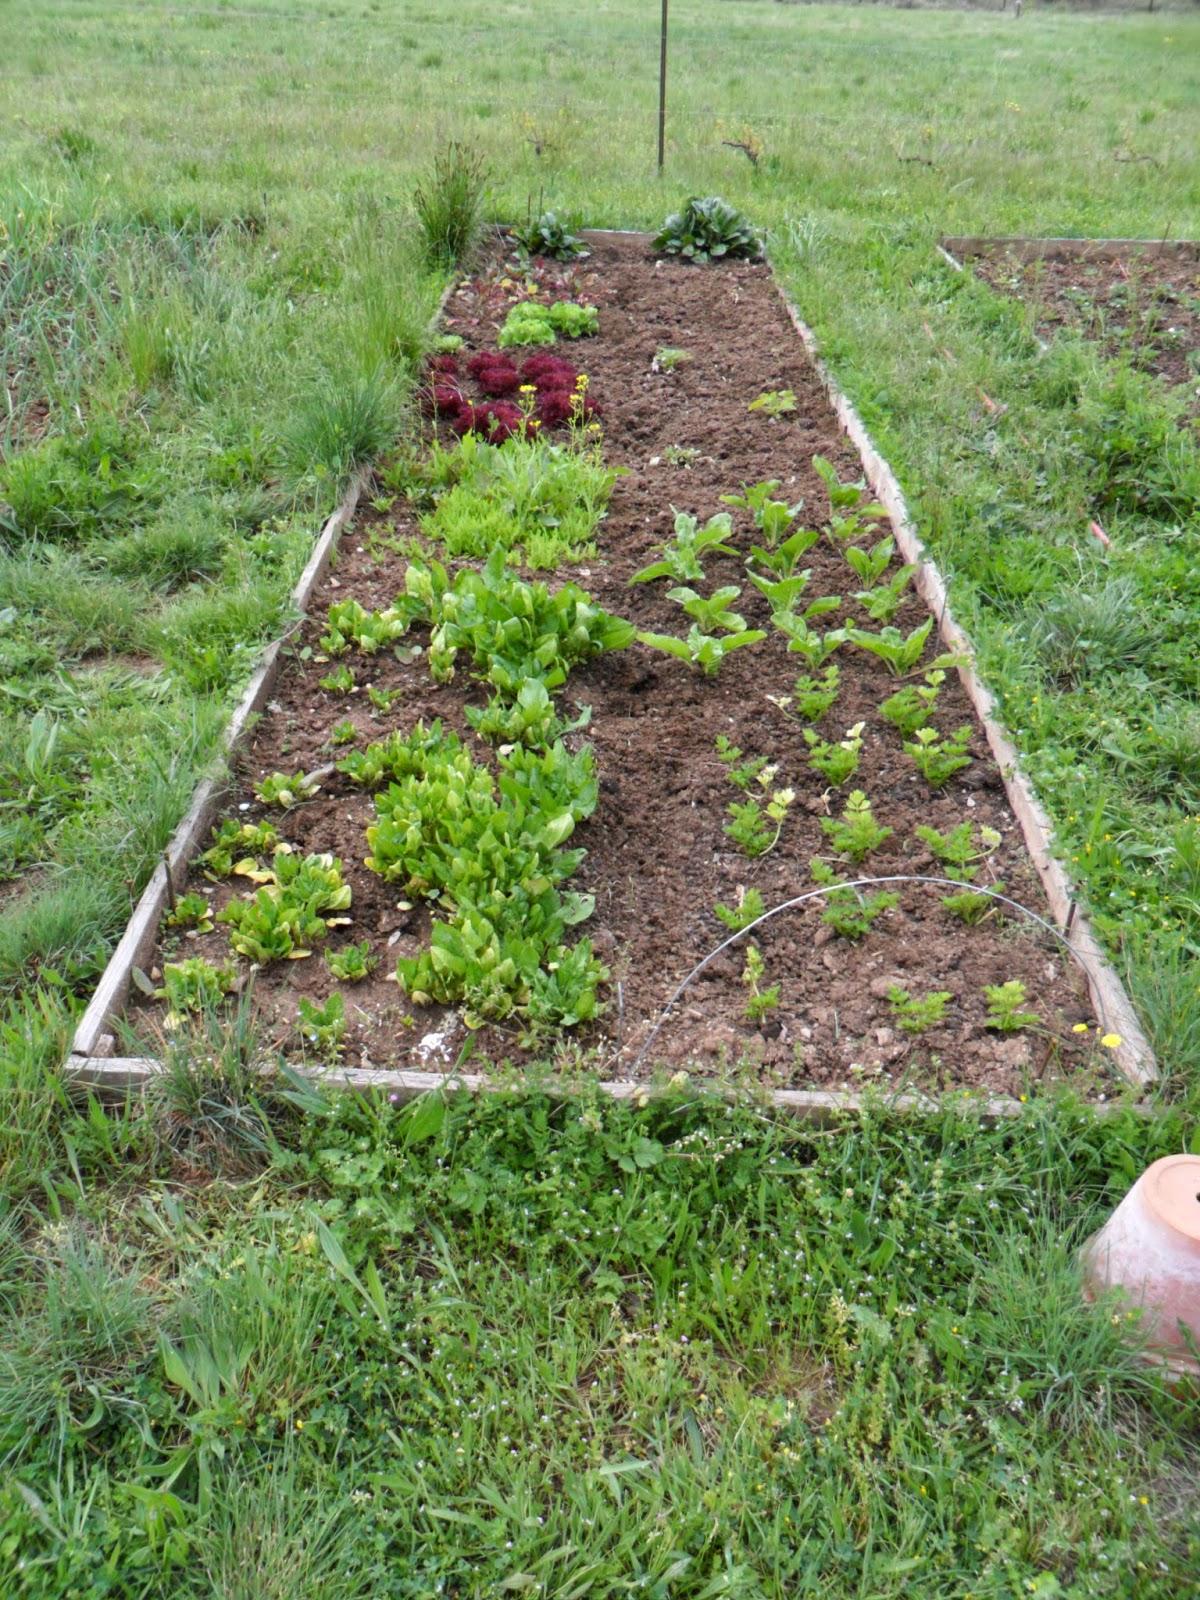 Le jardin de prosper les news au potager - Combien de sorte de tomate ...